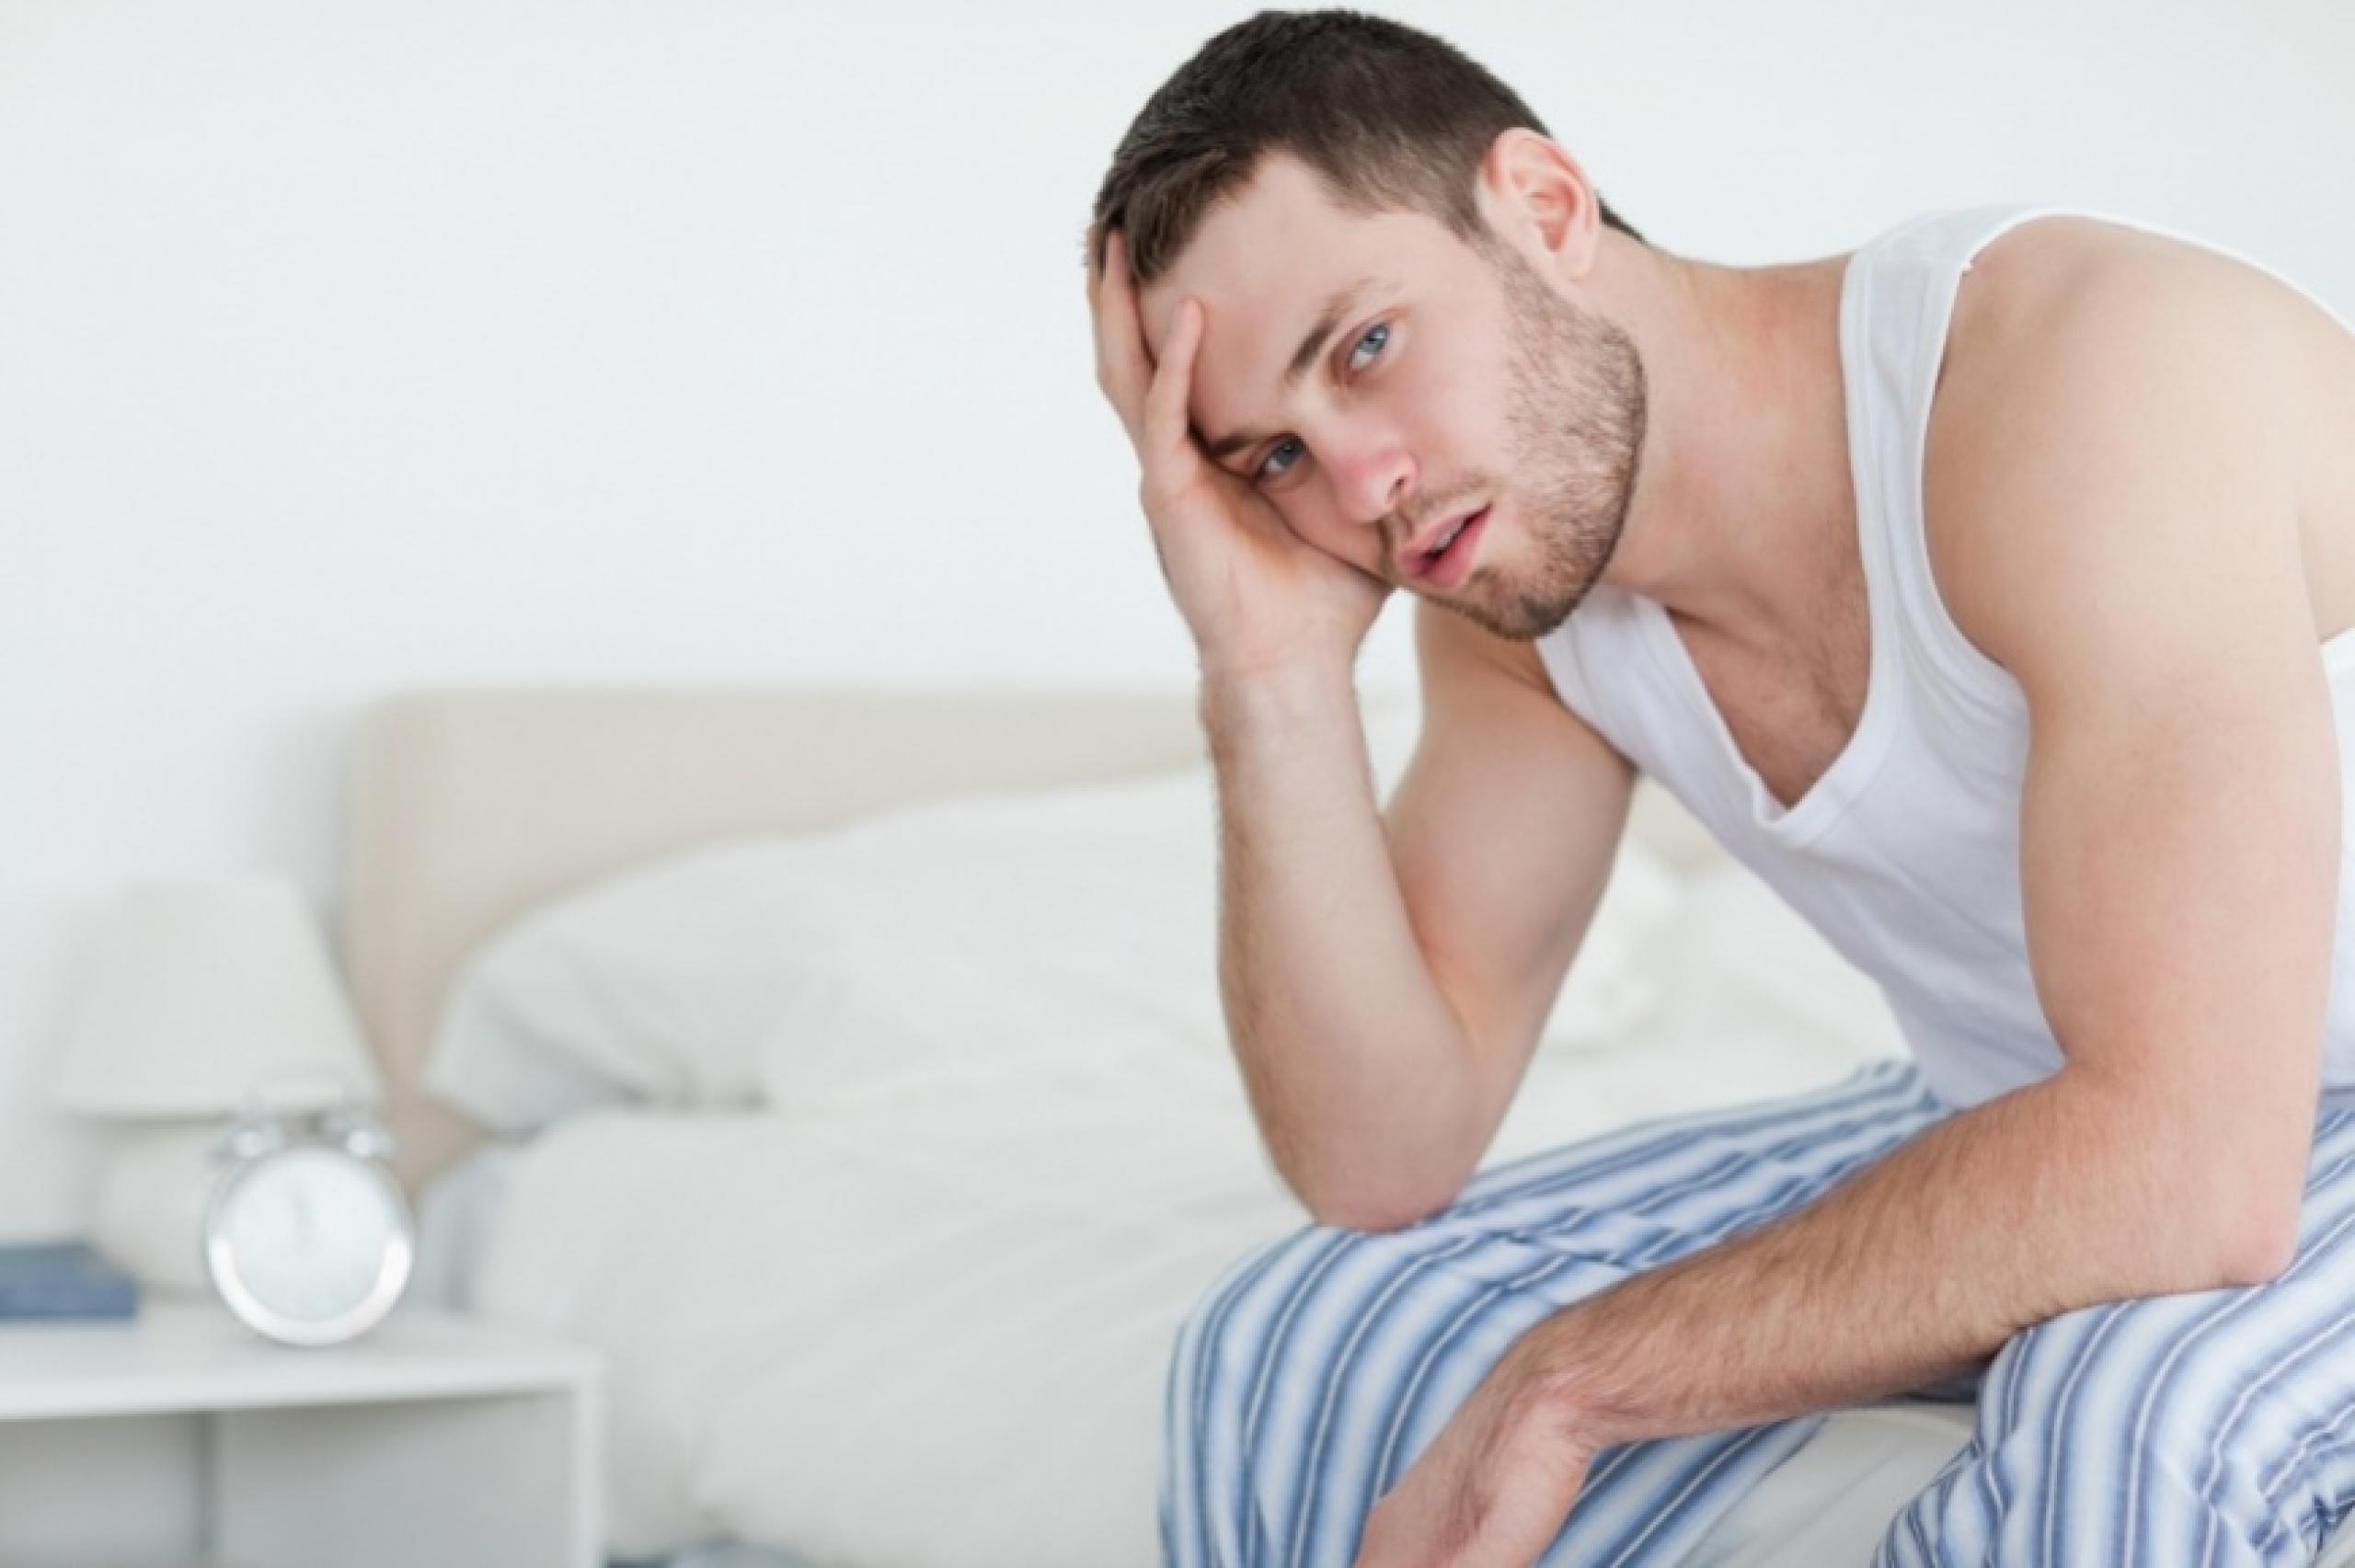 Можно ли заниматься анальным сексом во время лечения трихомонад